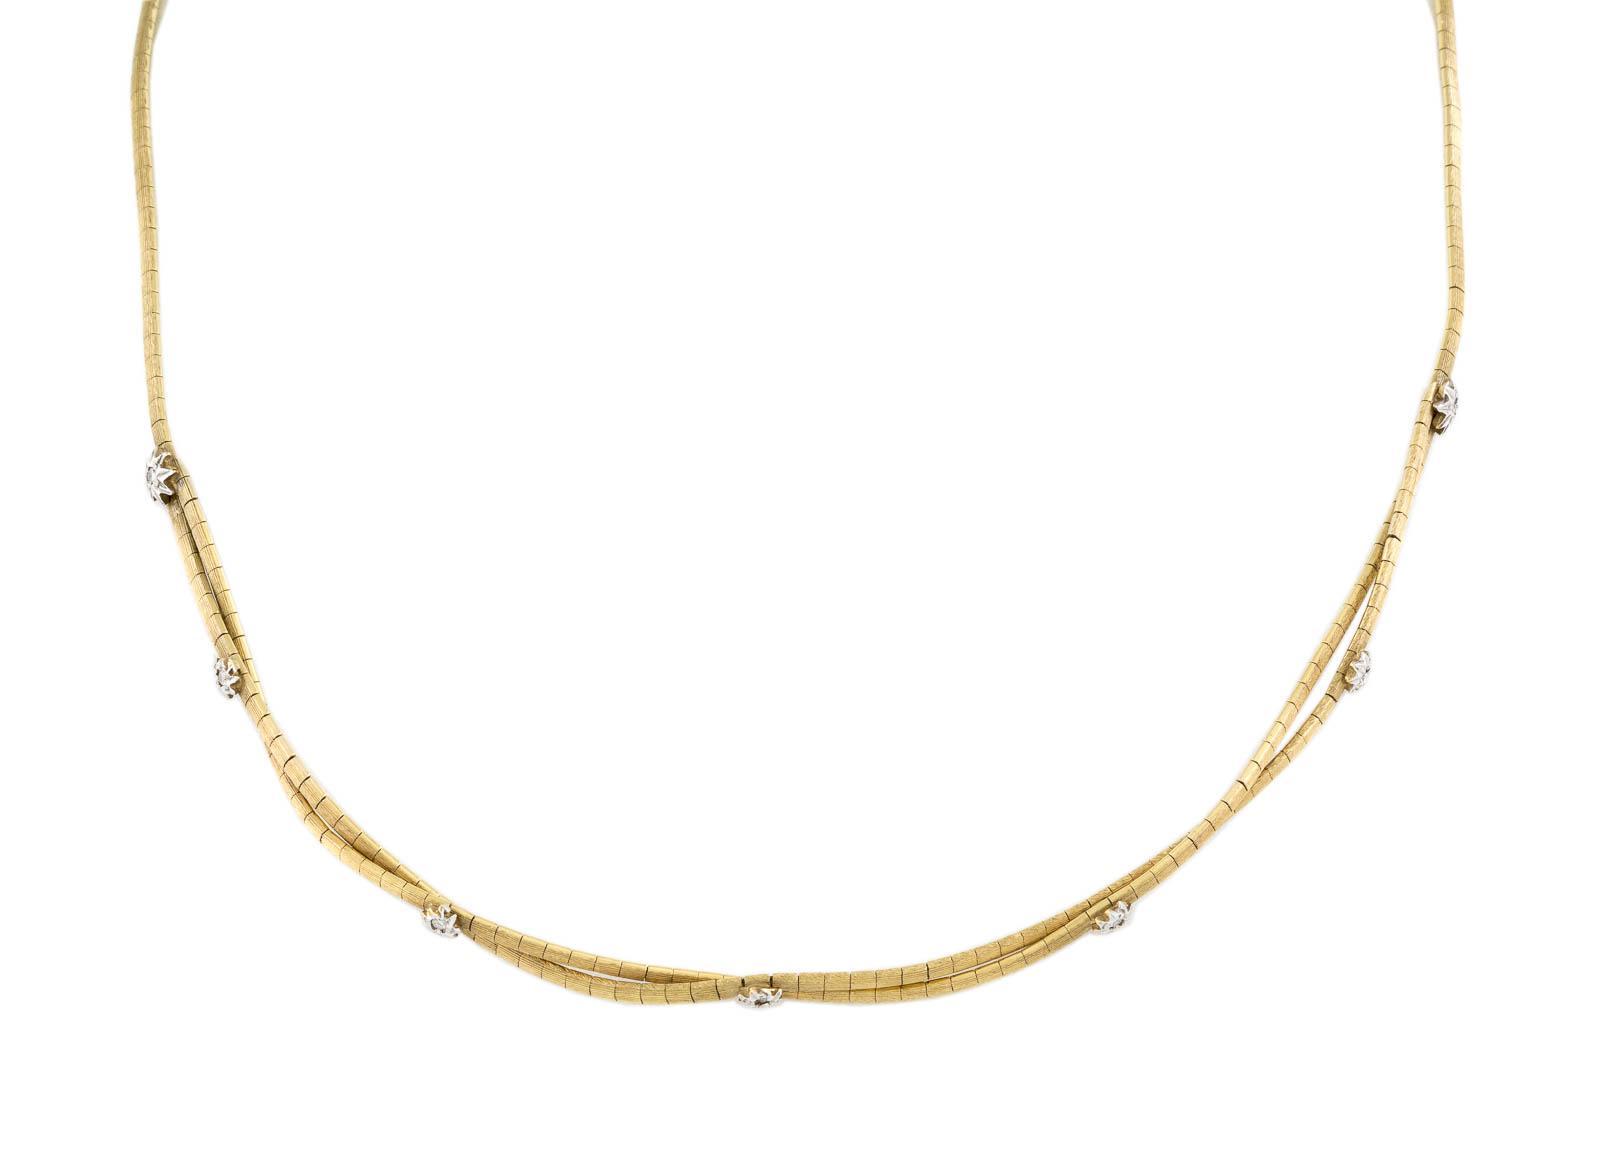 DIAMANT-COLLIER Gelbgold, Weißgold. L. 43,5 cm, Ges.-Gew. ca. 17,2 g. Gest. 585. Besetzt mit